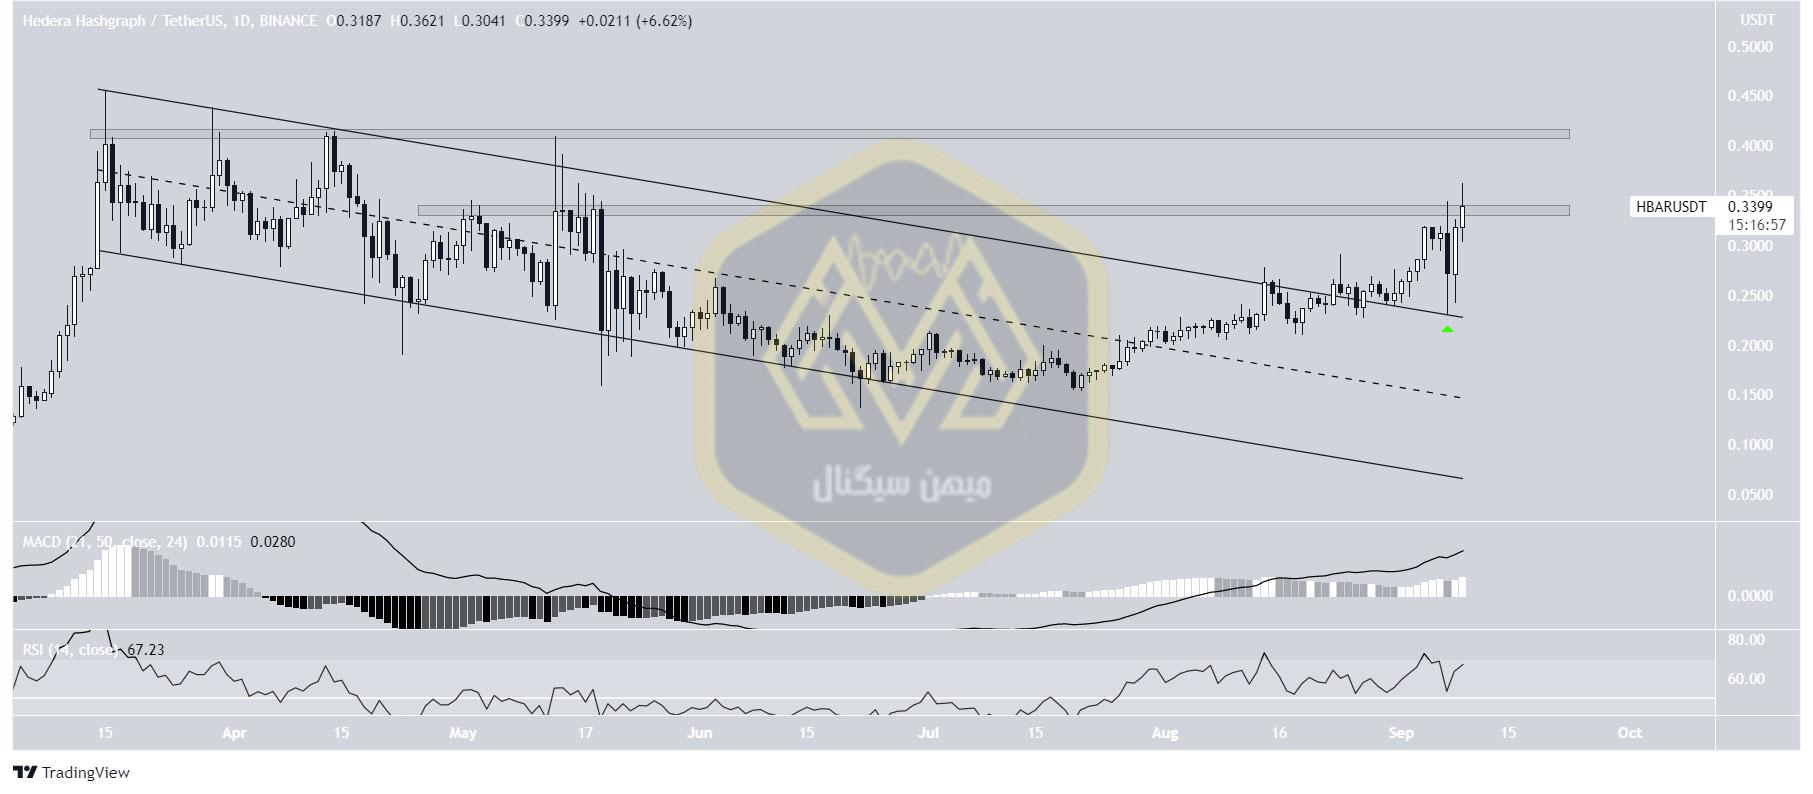 نمودار یکروزه قیمت اچ بار / تتر